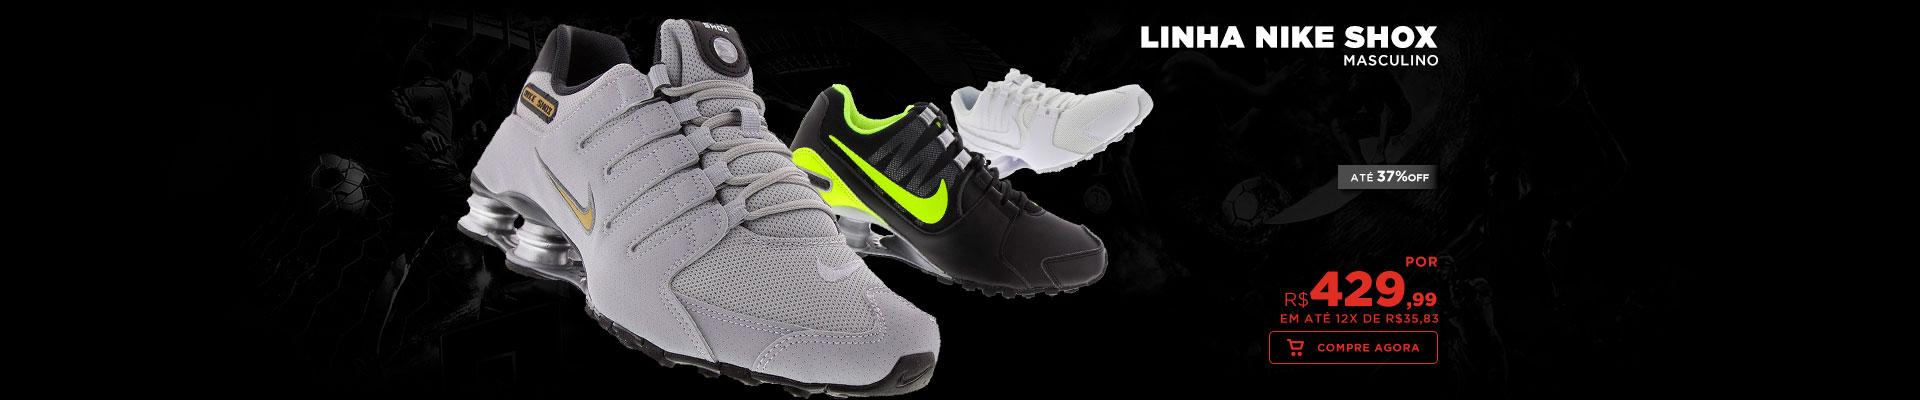 Linha Nike Shox - Masculino e Feminino